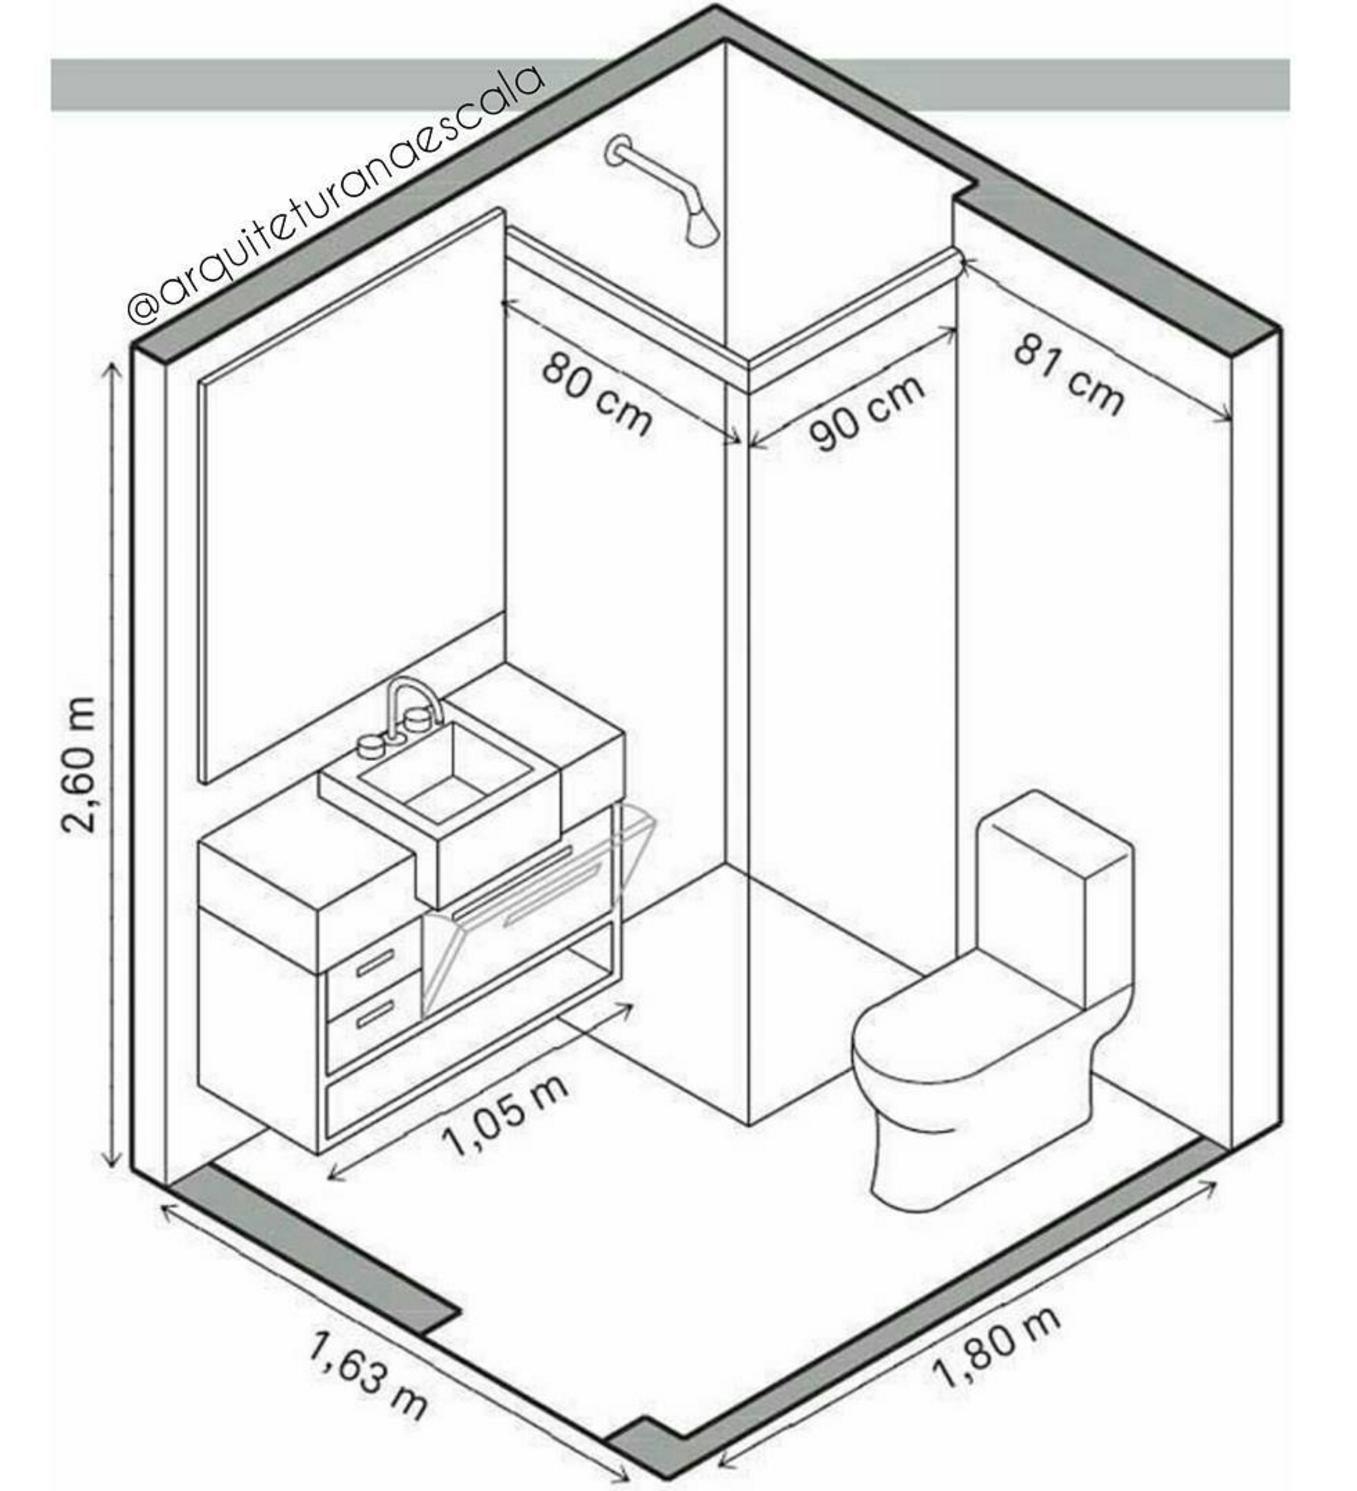 101 planos de casas: Medidas mínimas de un baño cuadrado